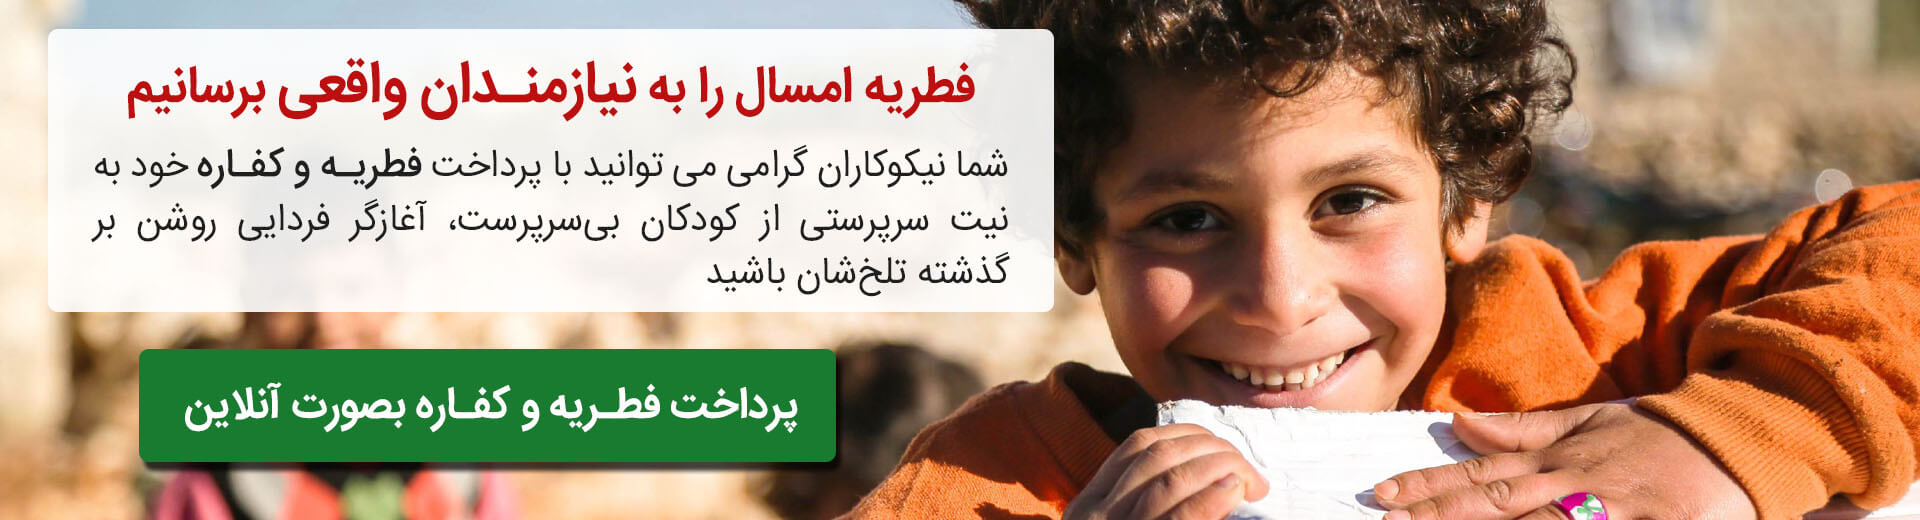 پرداخت فطریه و کفاره به کودکان بی سرپرست و نیازمندان موسسه خیریه نیکوکاران شریف